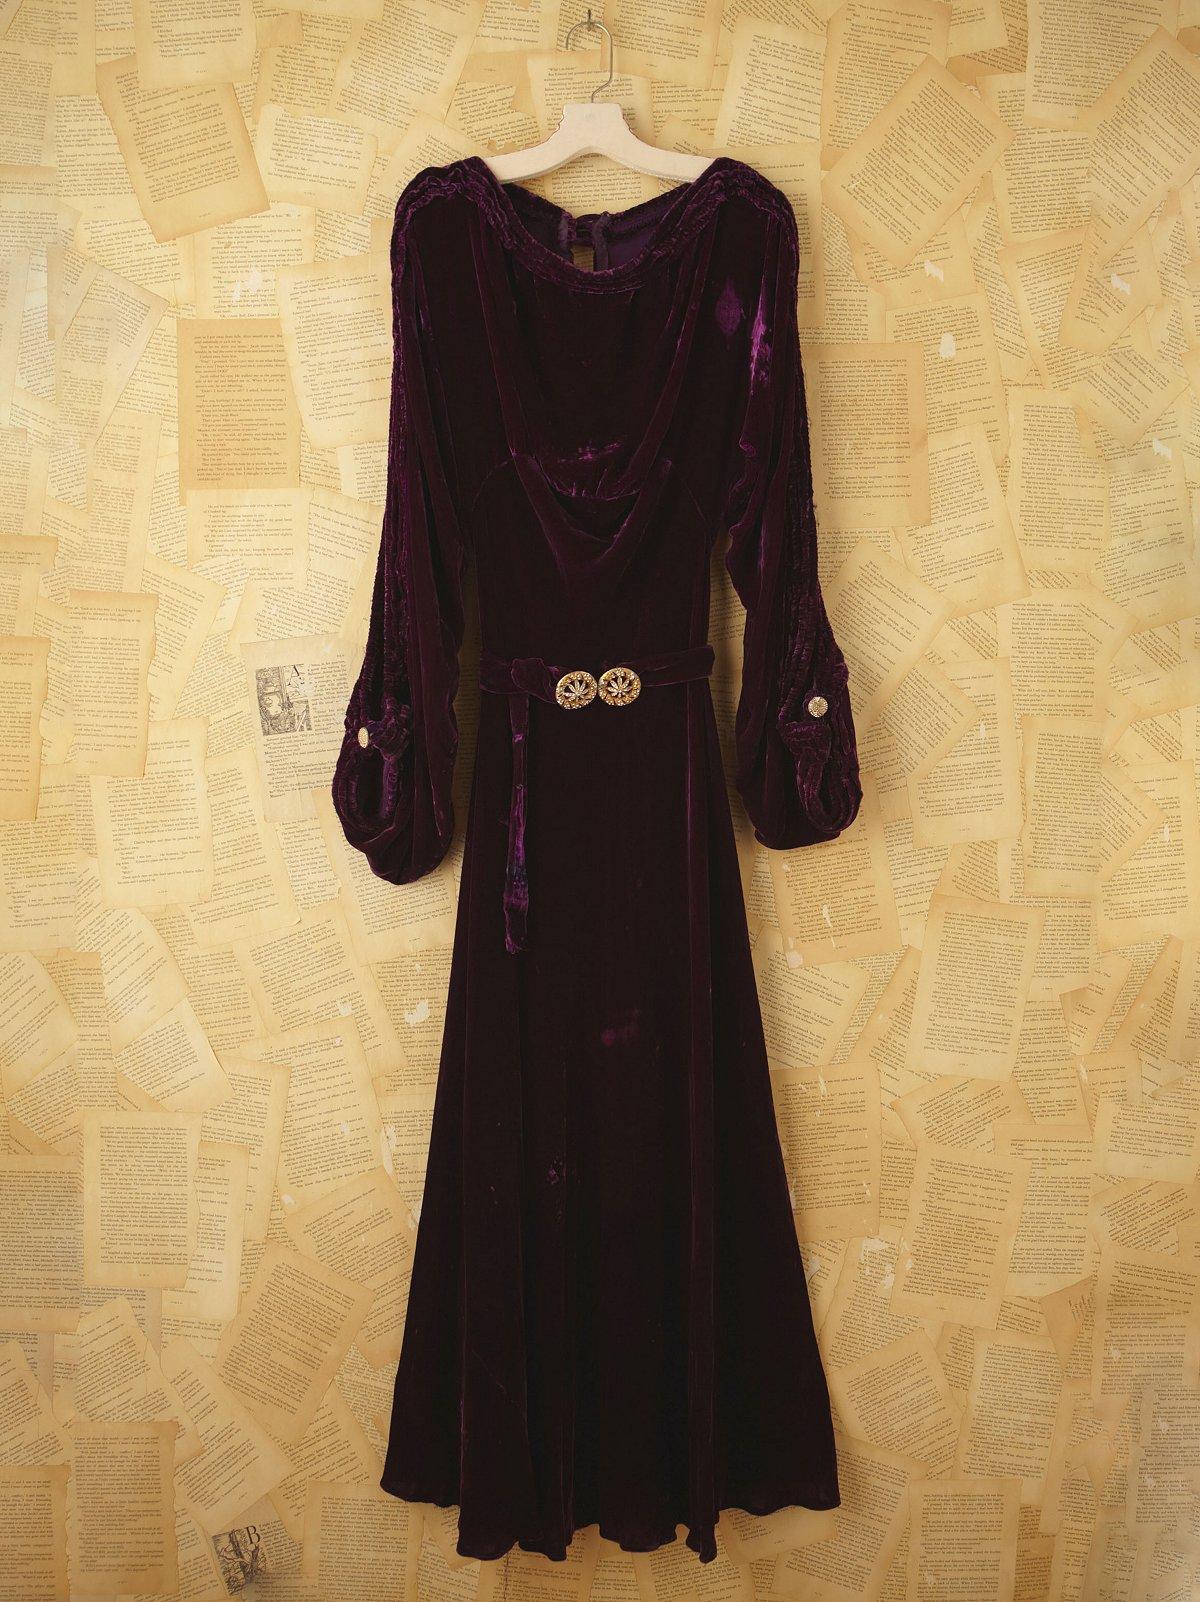 Vintage 1920s Crushed Velvet